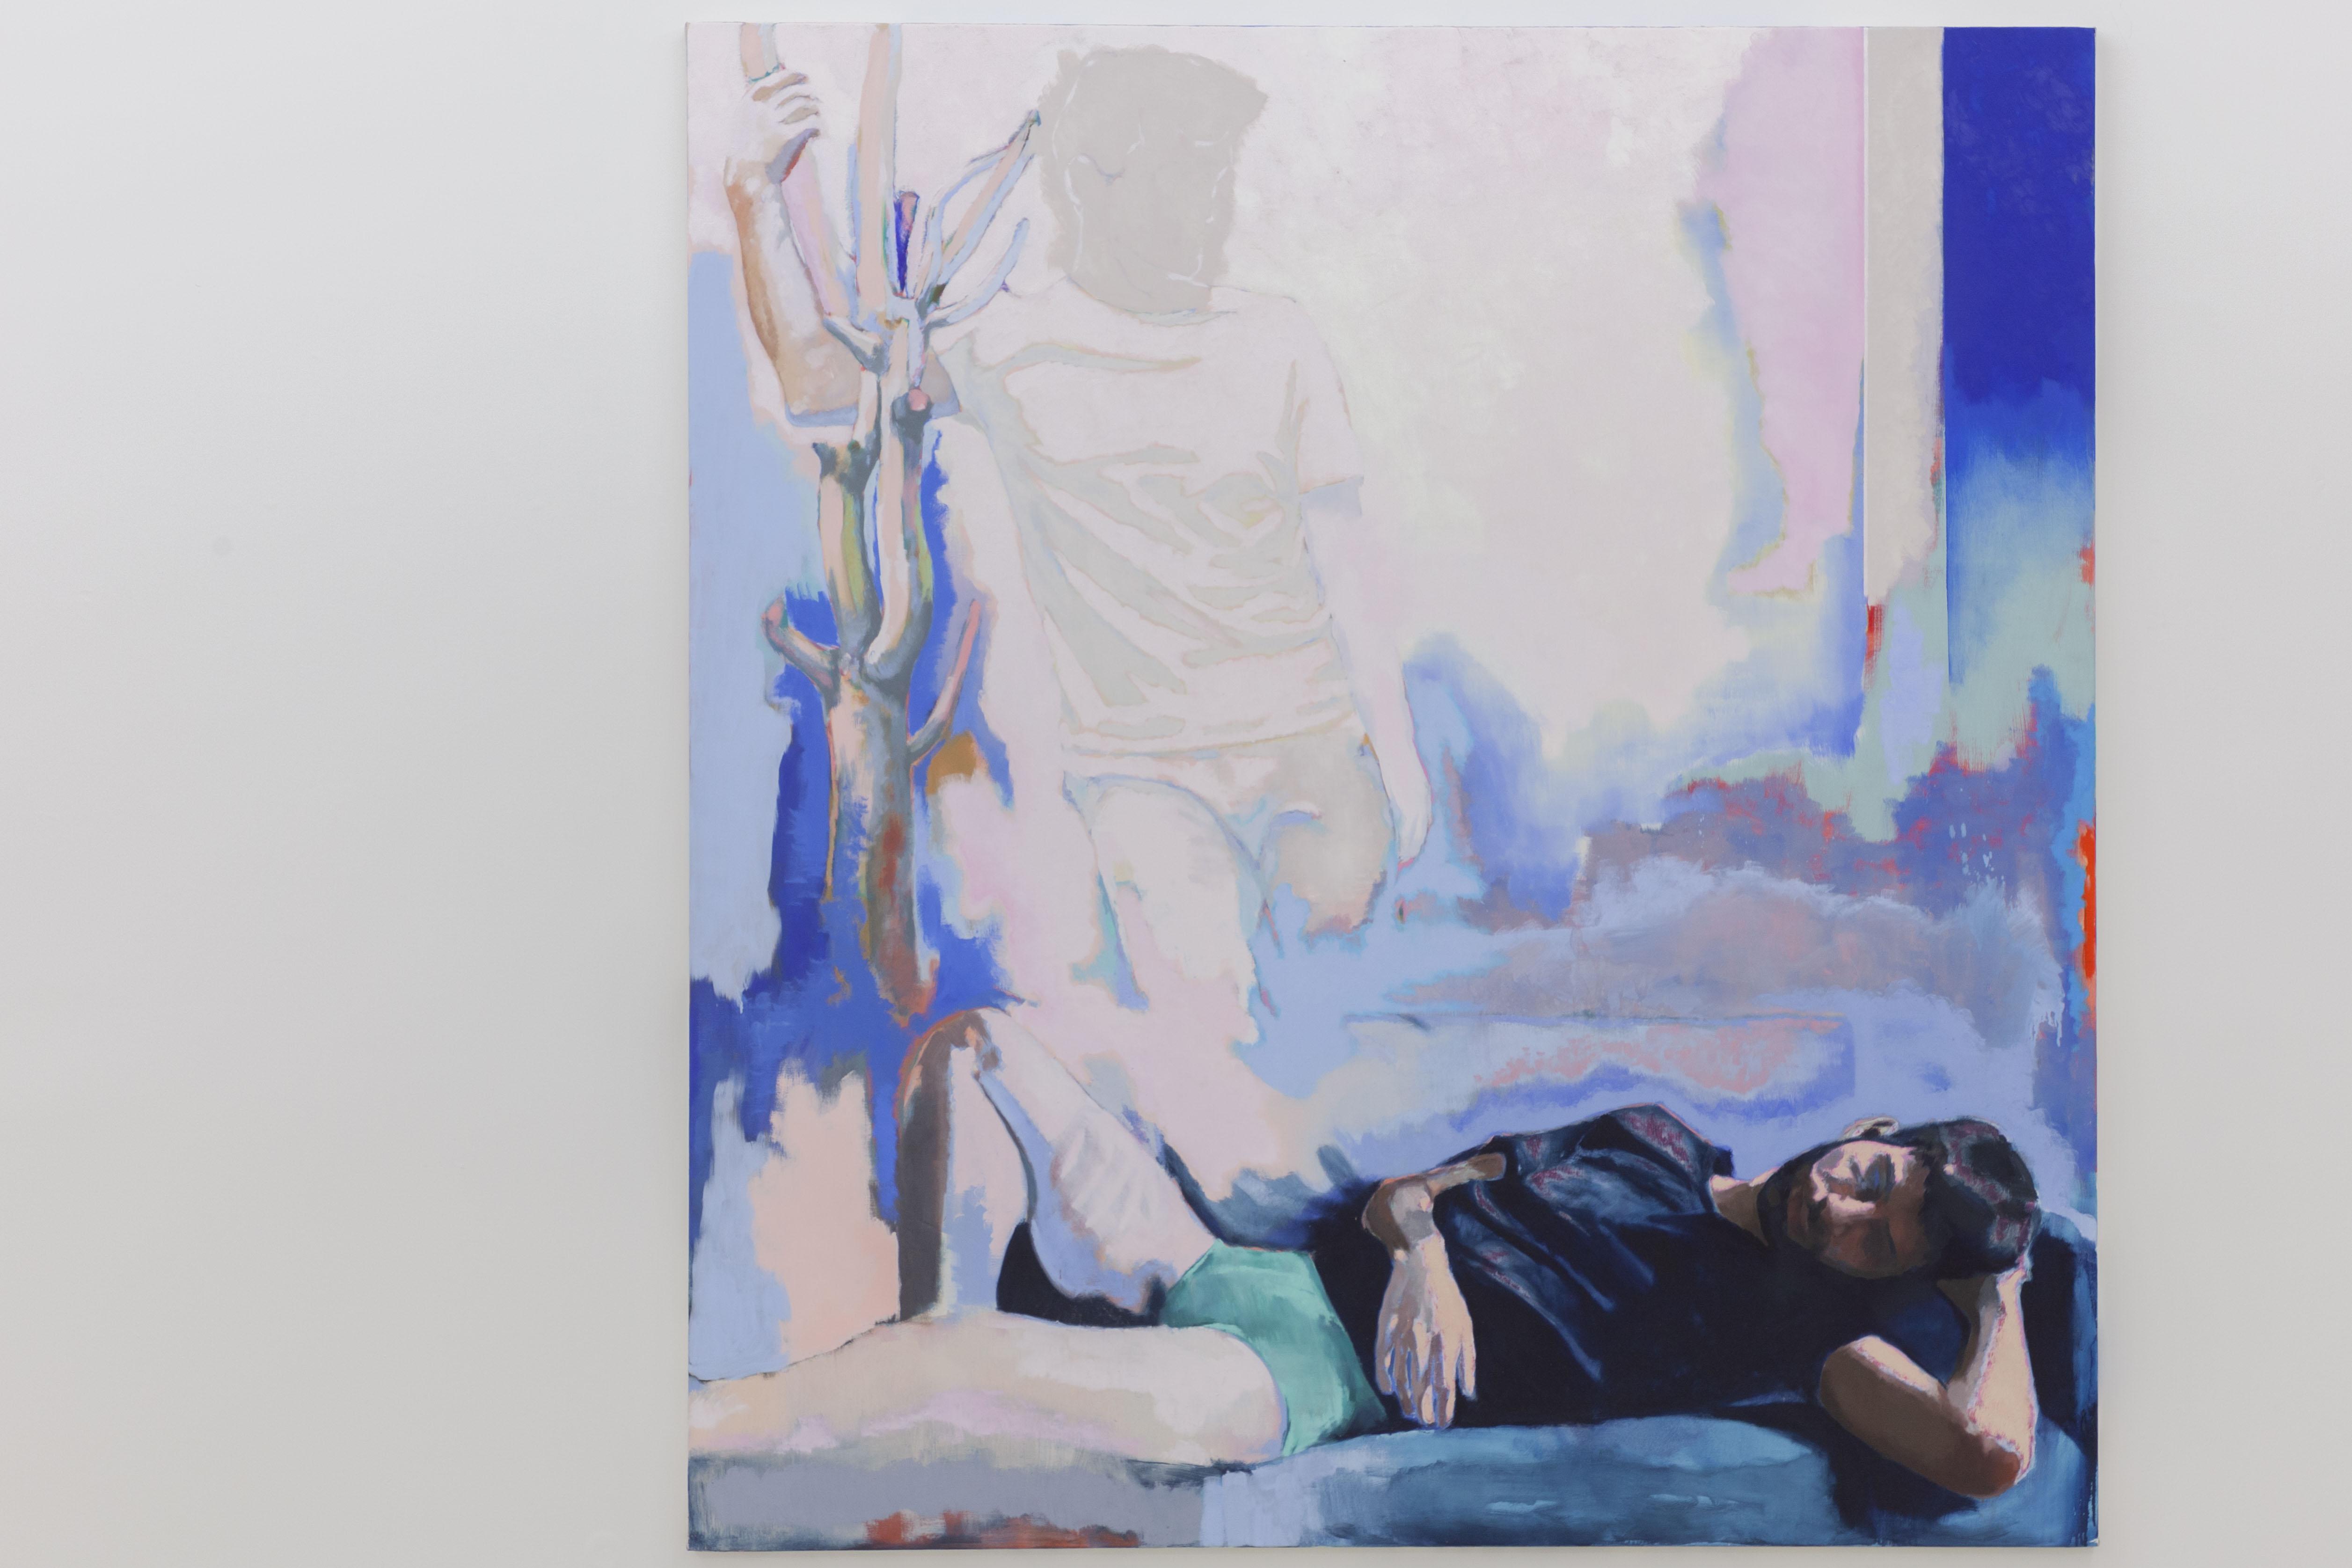 Ton absence laisse des traces sur le plâtre des murs, 2020, huile sur toile, 195 x 180 cm_photo Julie Coulon_web_2